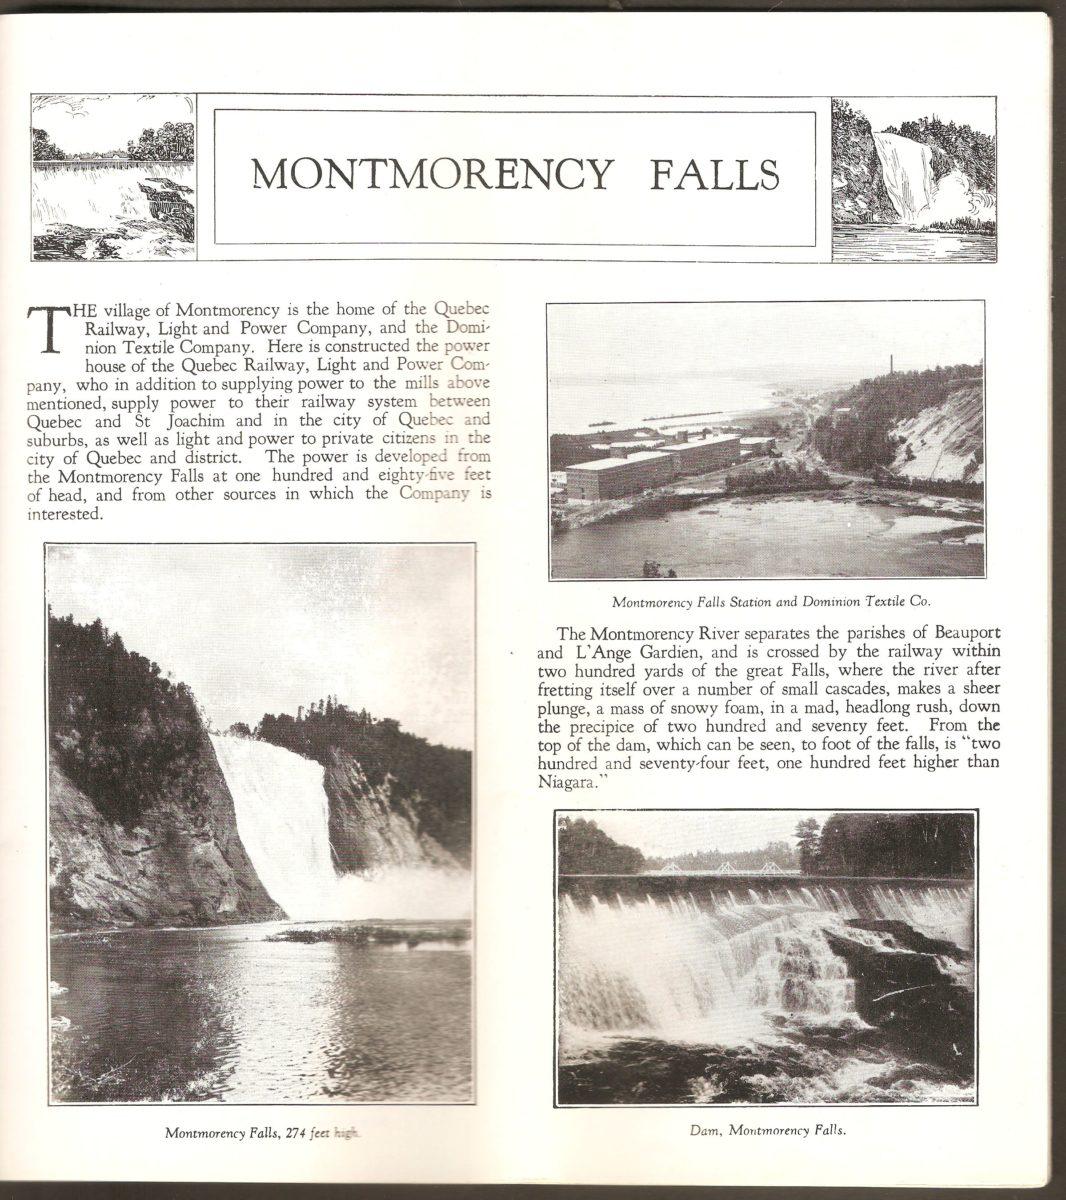 Double page de la section consacrée au site de la chute Montmorency, dans la brochure de la Q.R.L.&P.